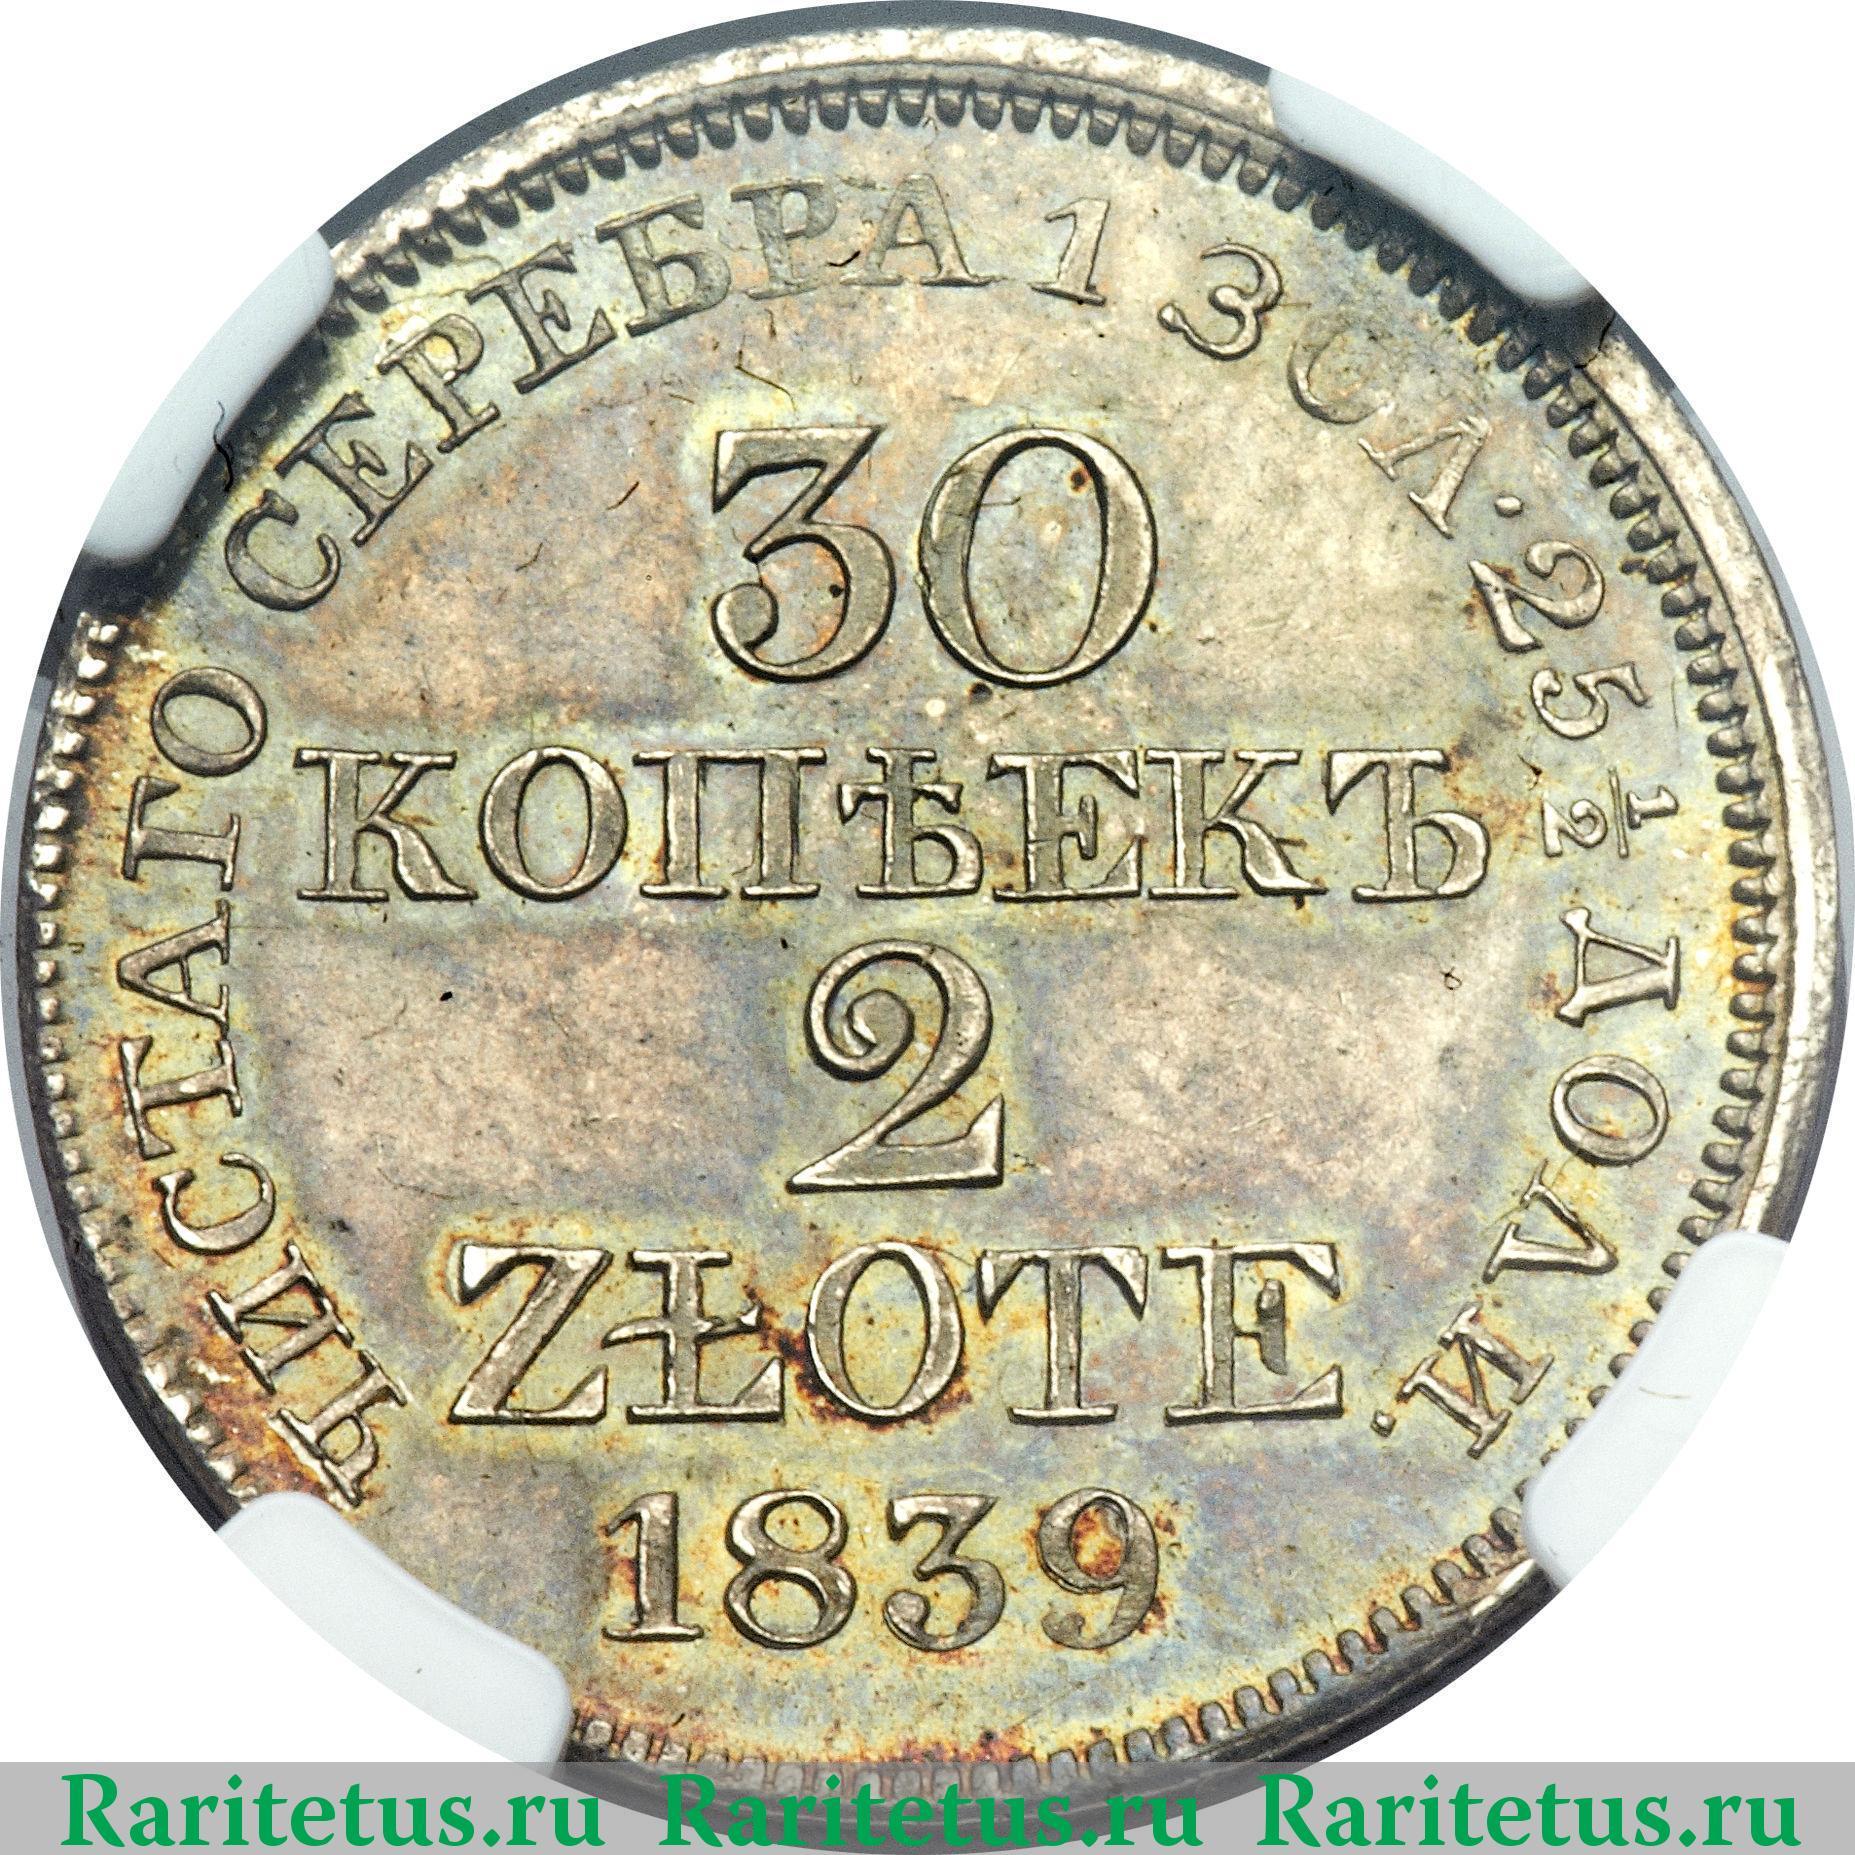 30 копеек 2 злотых 1838 год цена стоимость 2 лата 1925 года